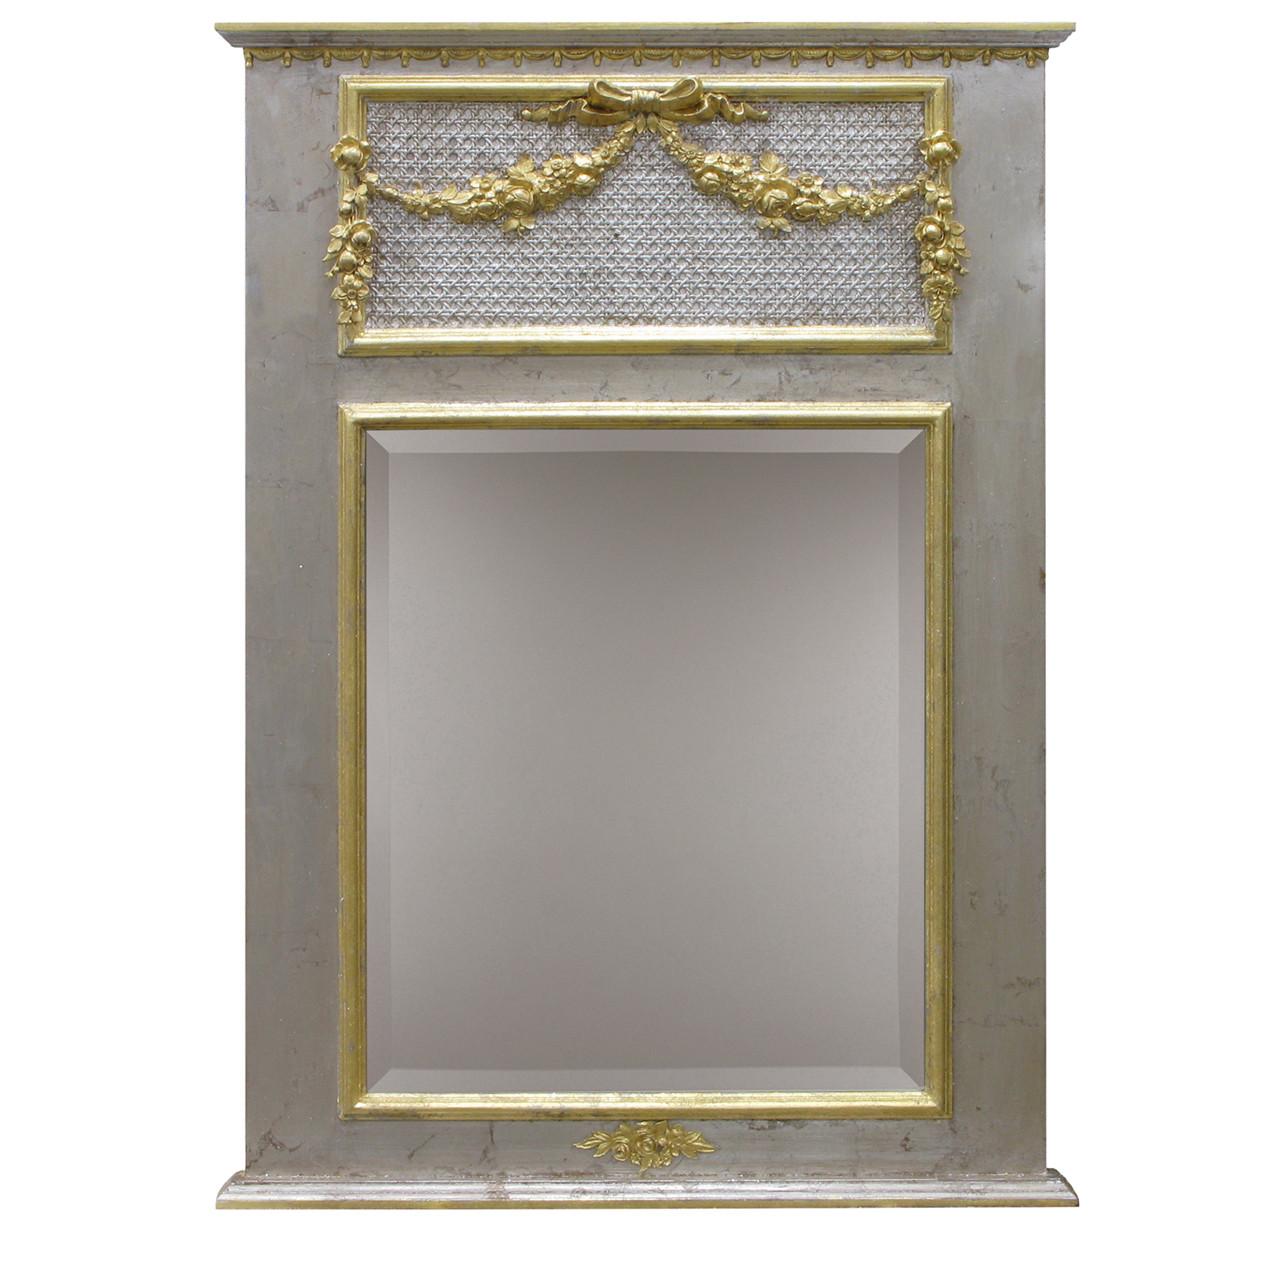 trumeau mirror afk furniture. Black Bedroom Furniture Sets. Home Design Ideas